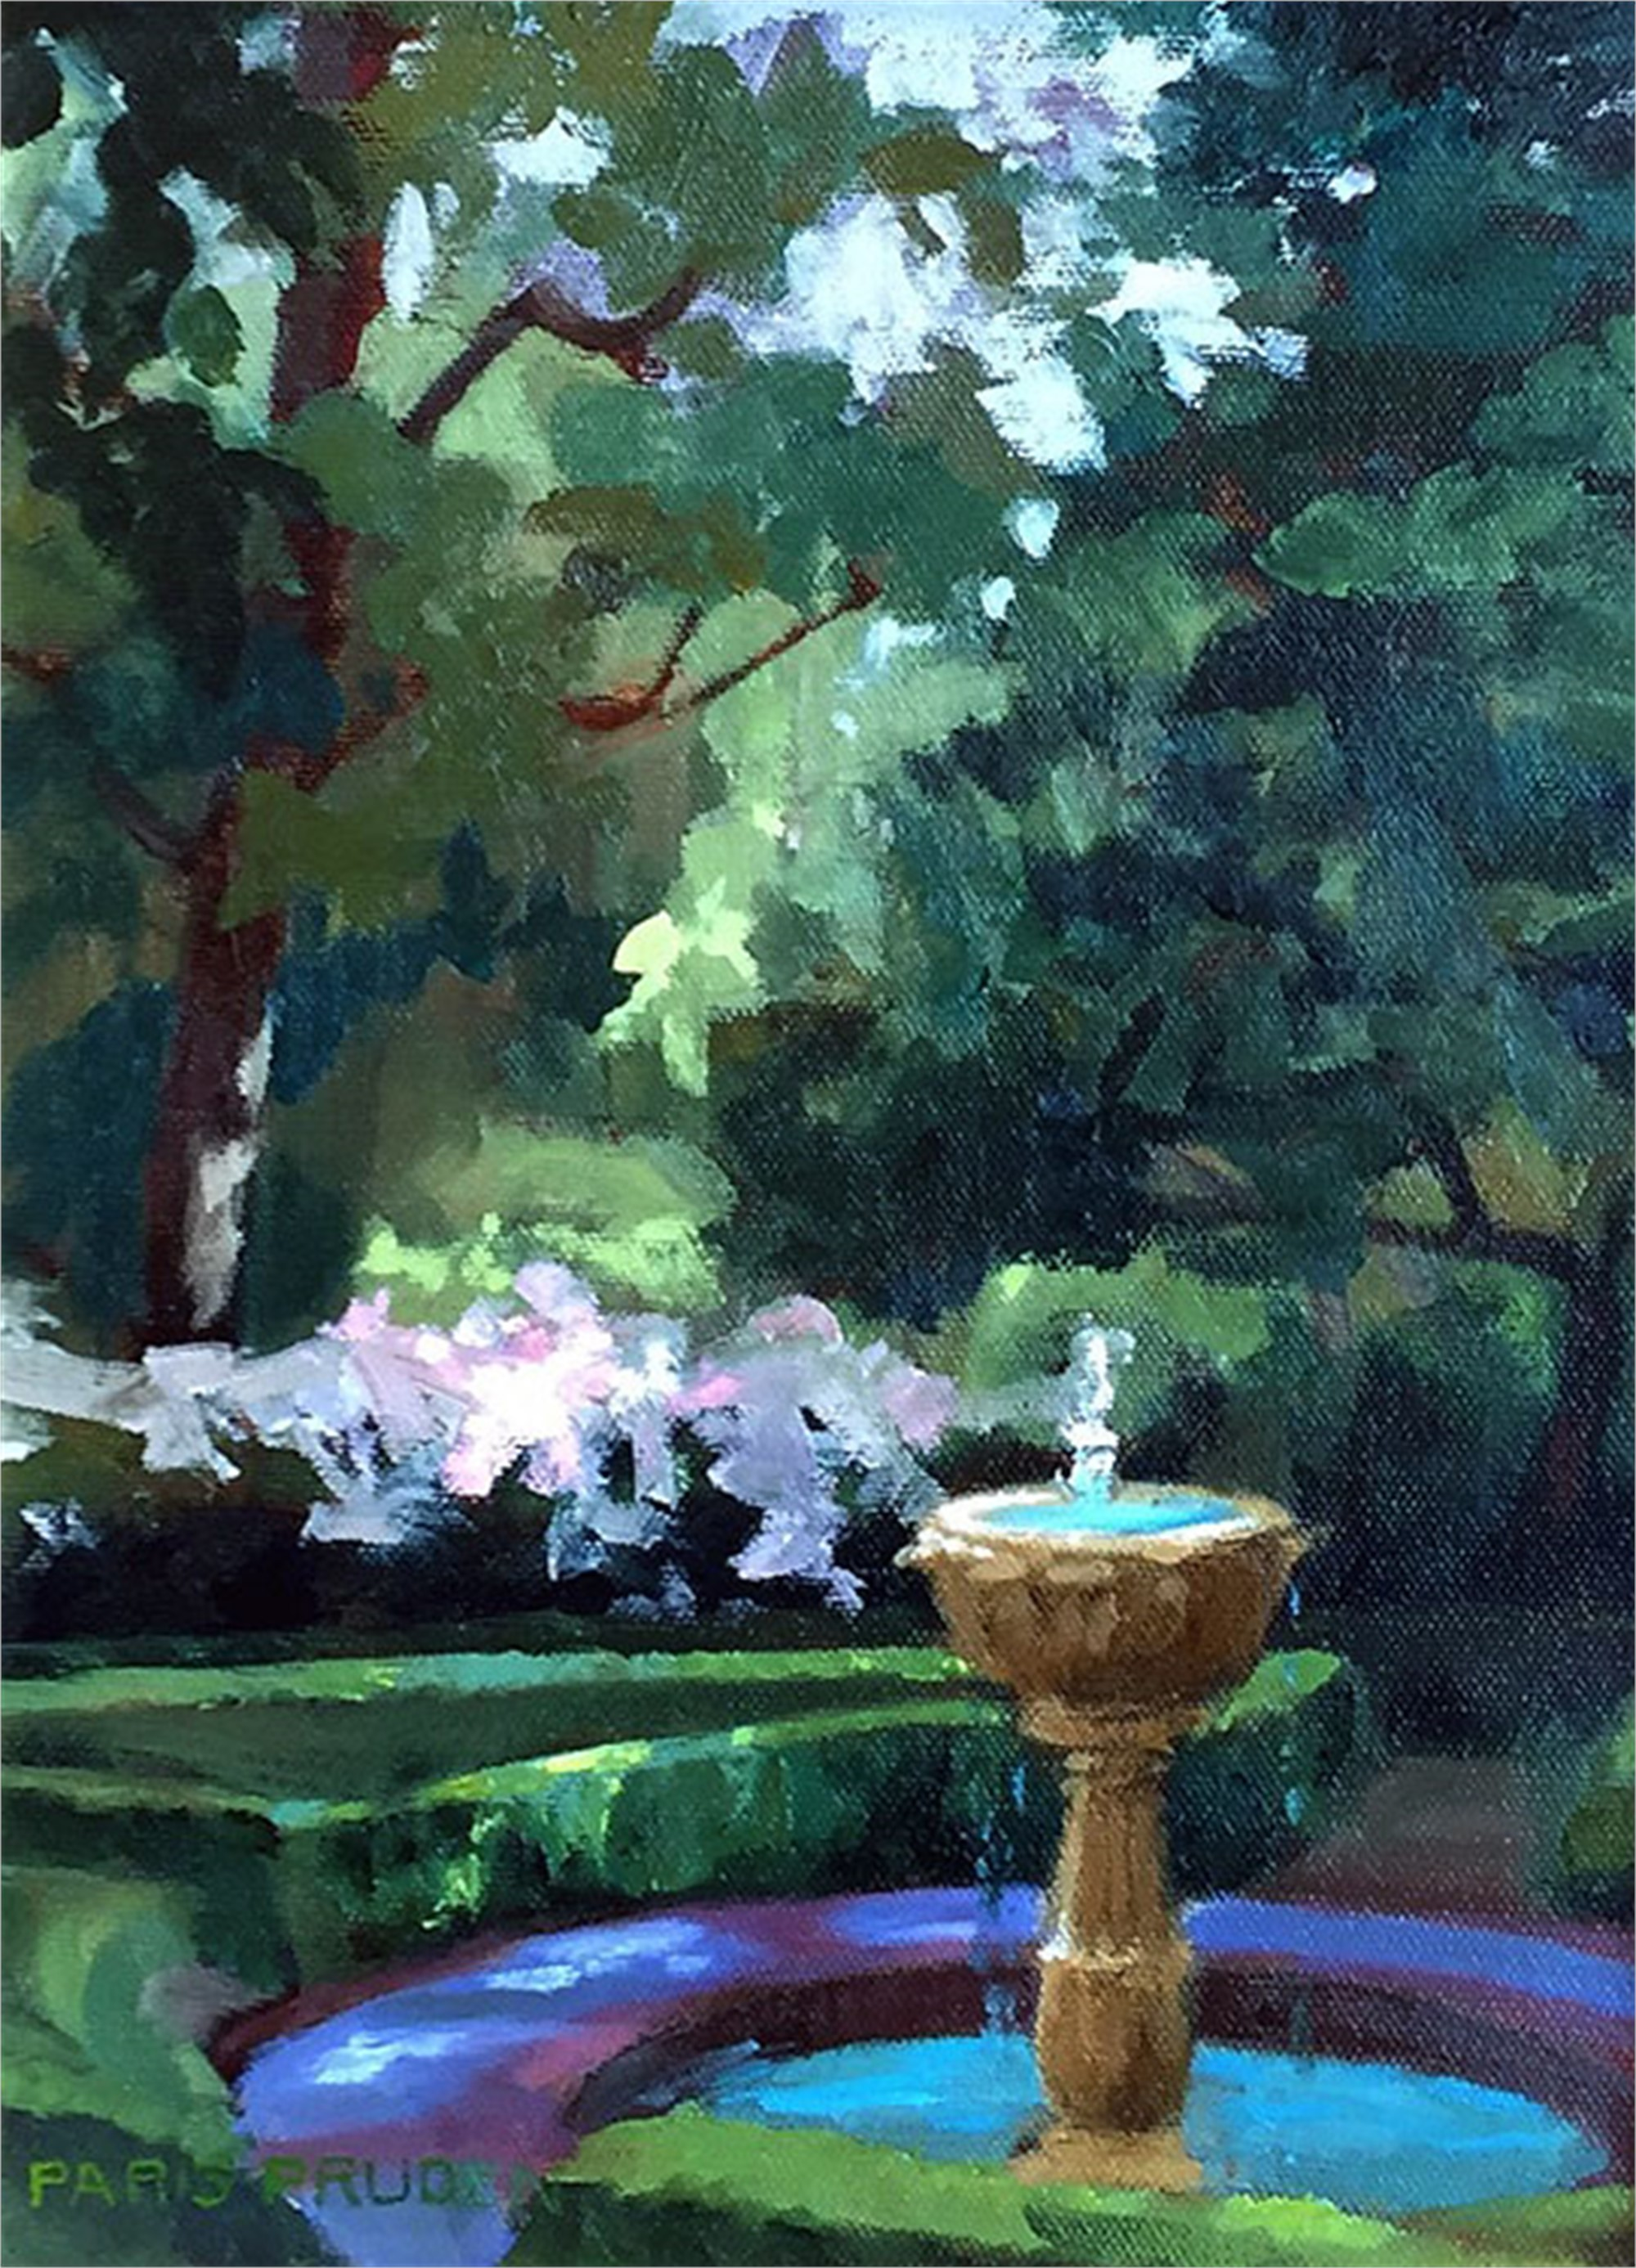 Shady Garden by Nancy Paris Pruden